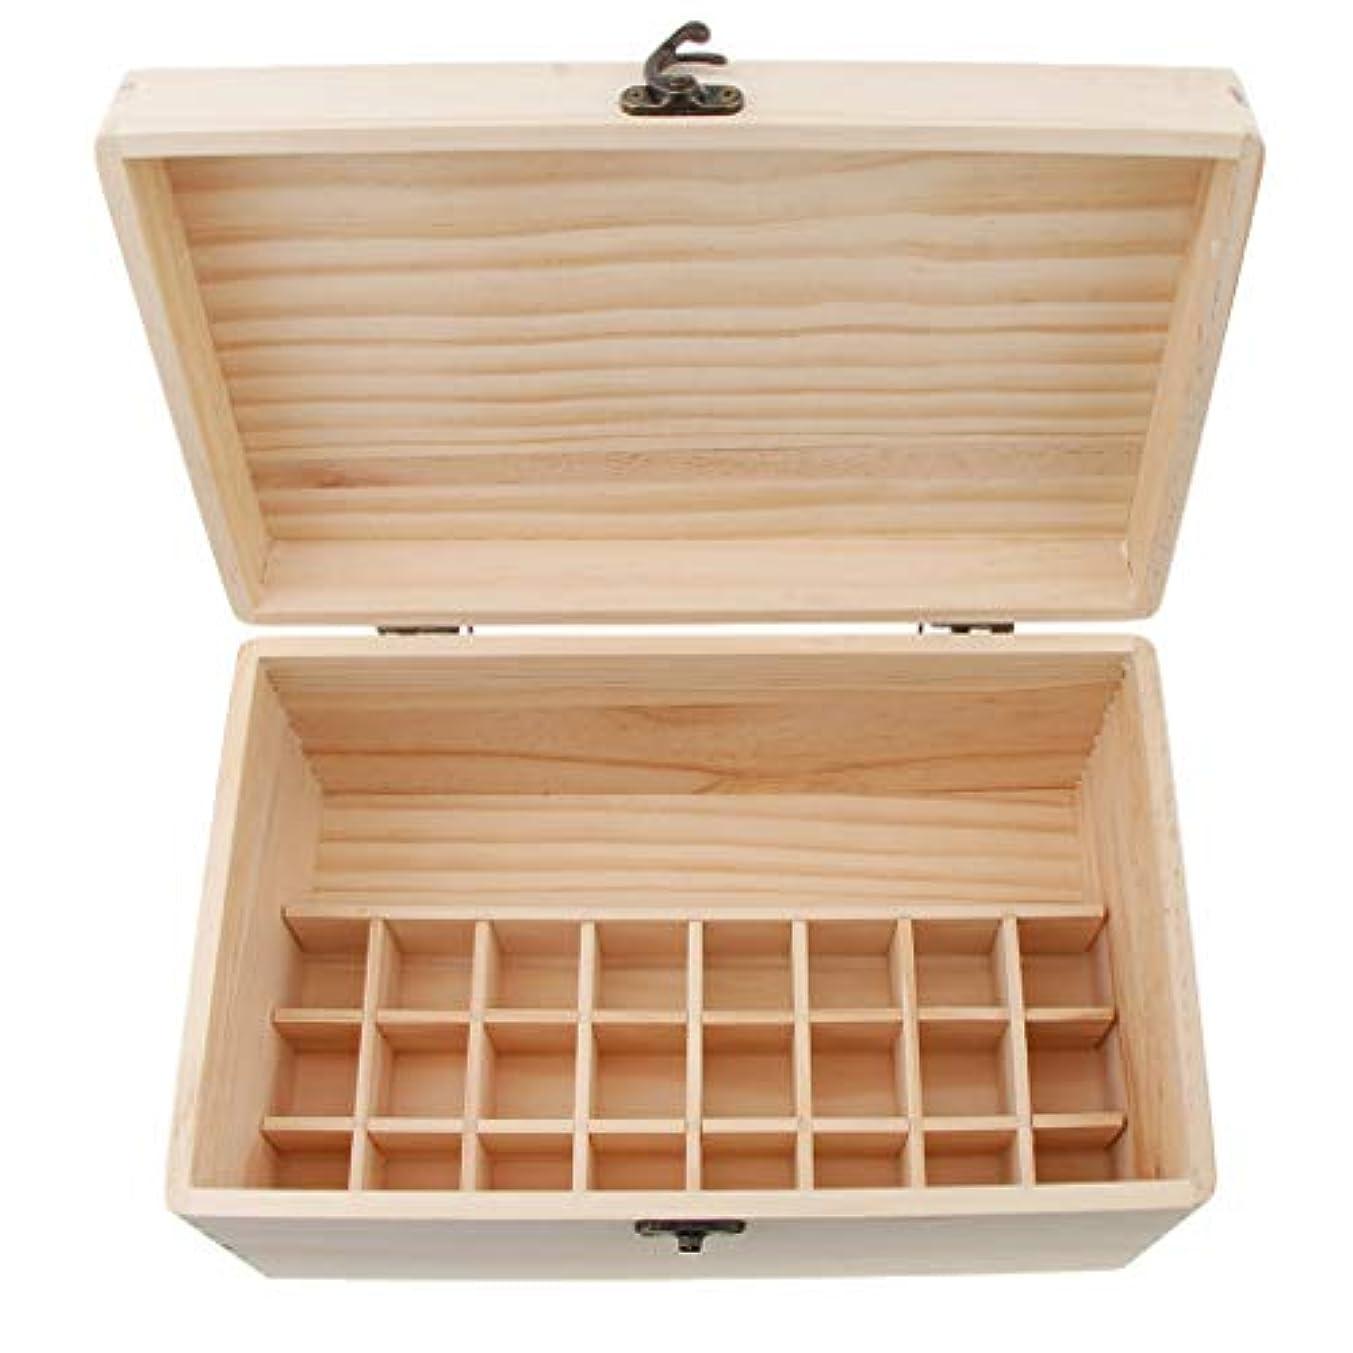 隣接する恥手のひらsharprepublic エッセンシャルオイル 木製収納ボックス ディスプレイ キャリーケース オーガナイザーホールド 32本